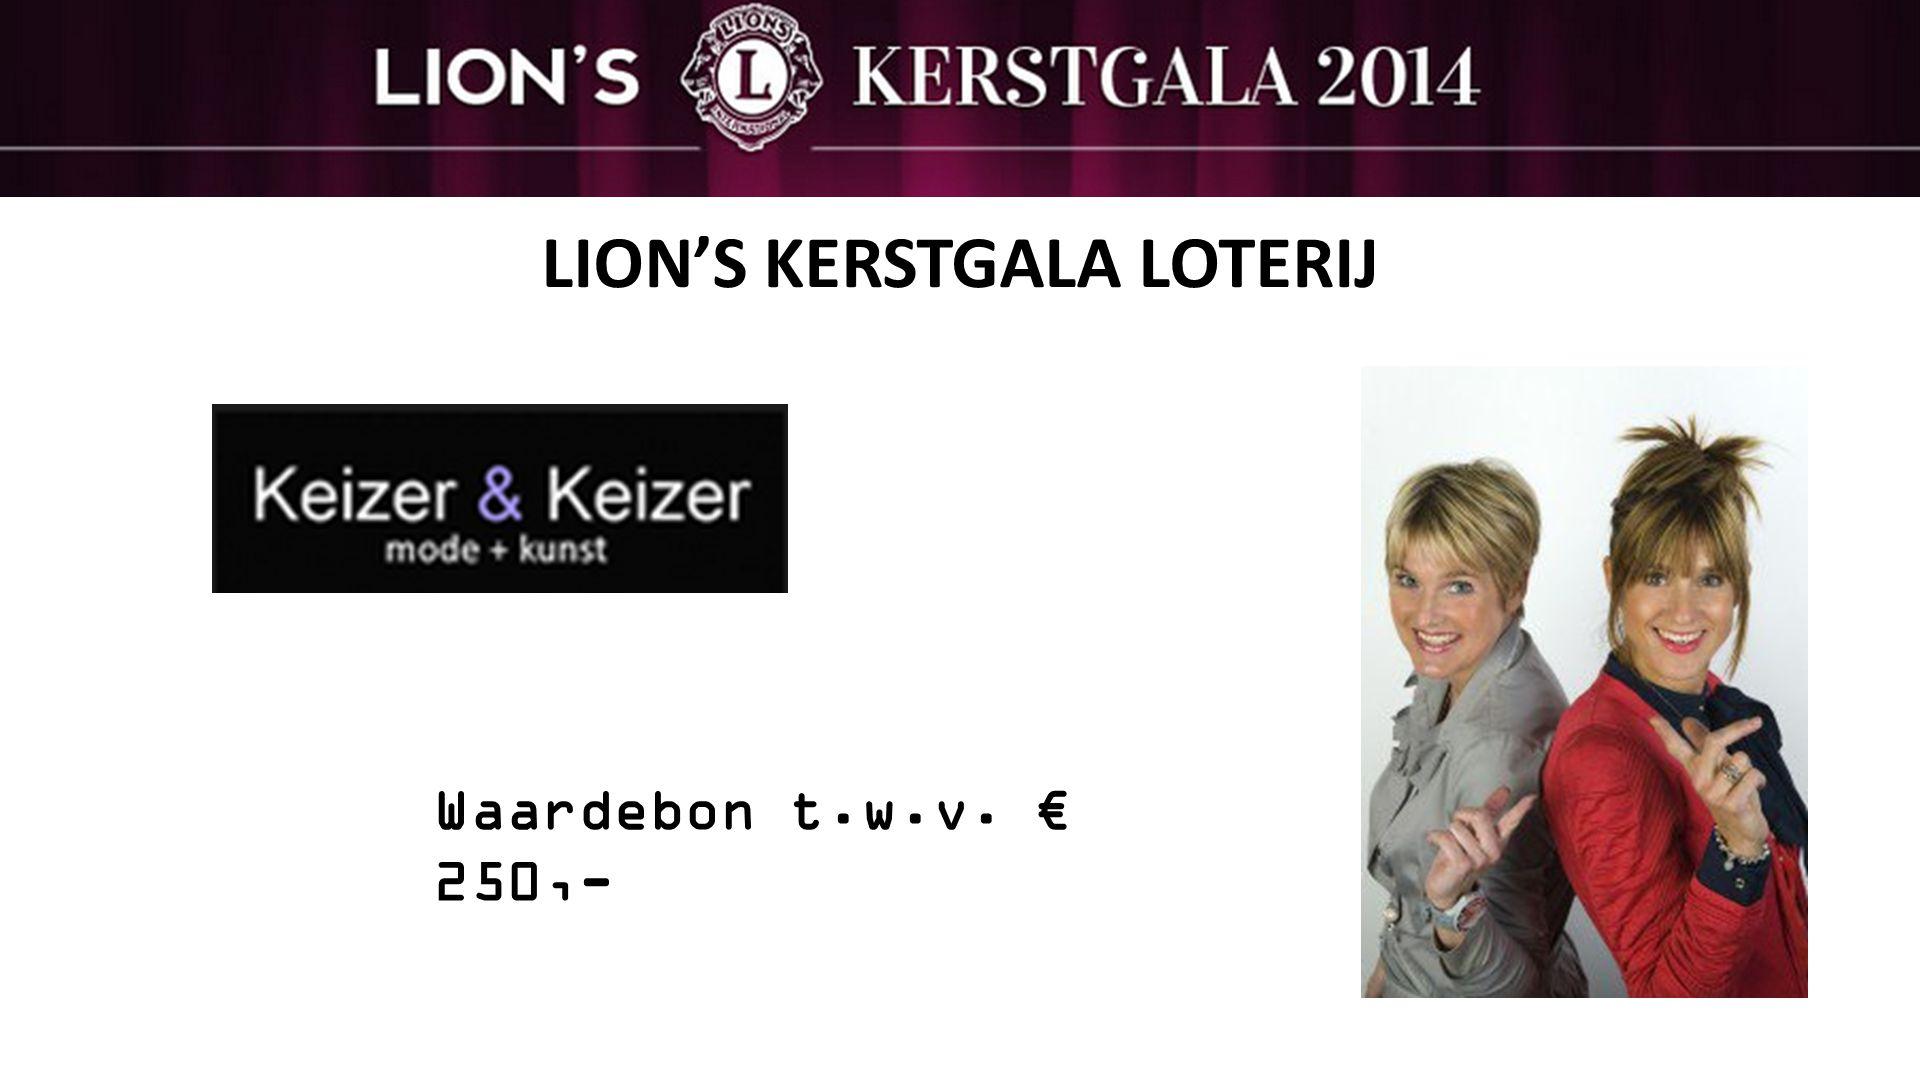 LION'S KERSTGALA LOTERIJ Waardebon t.w.v. € 250,-